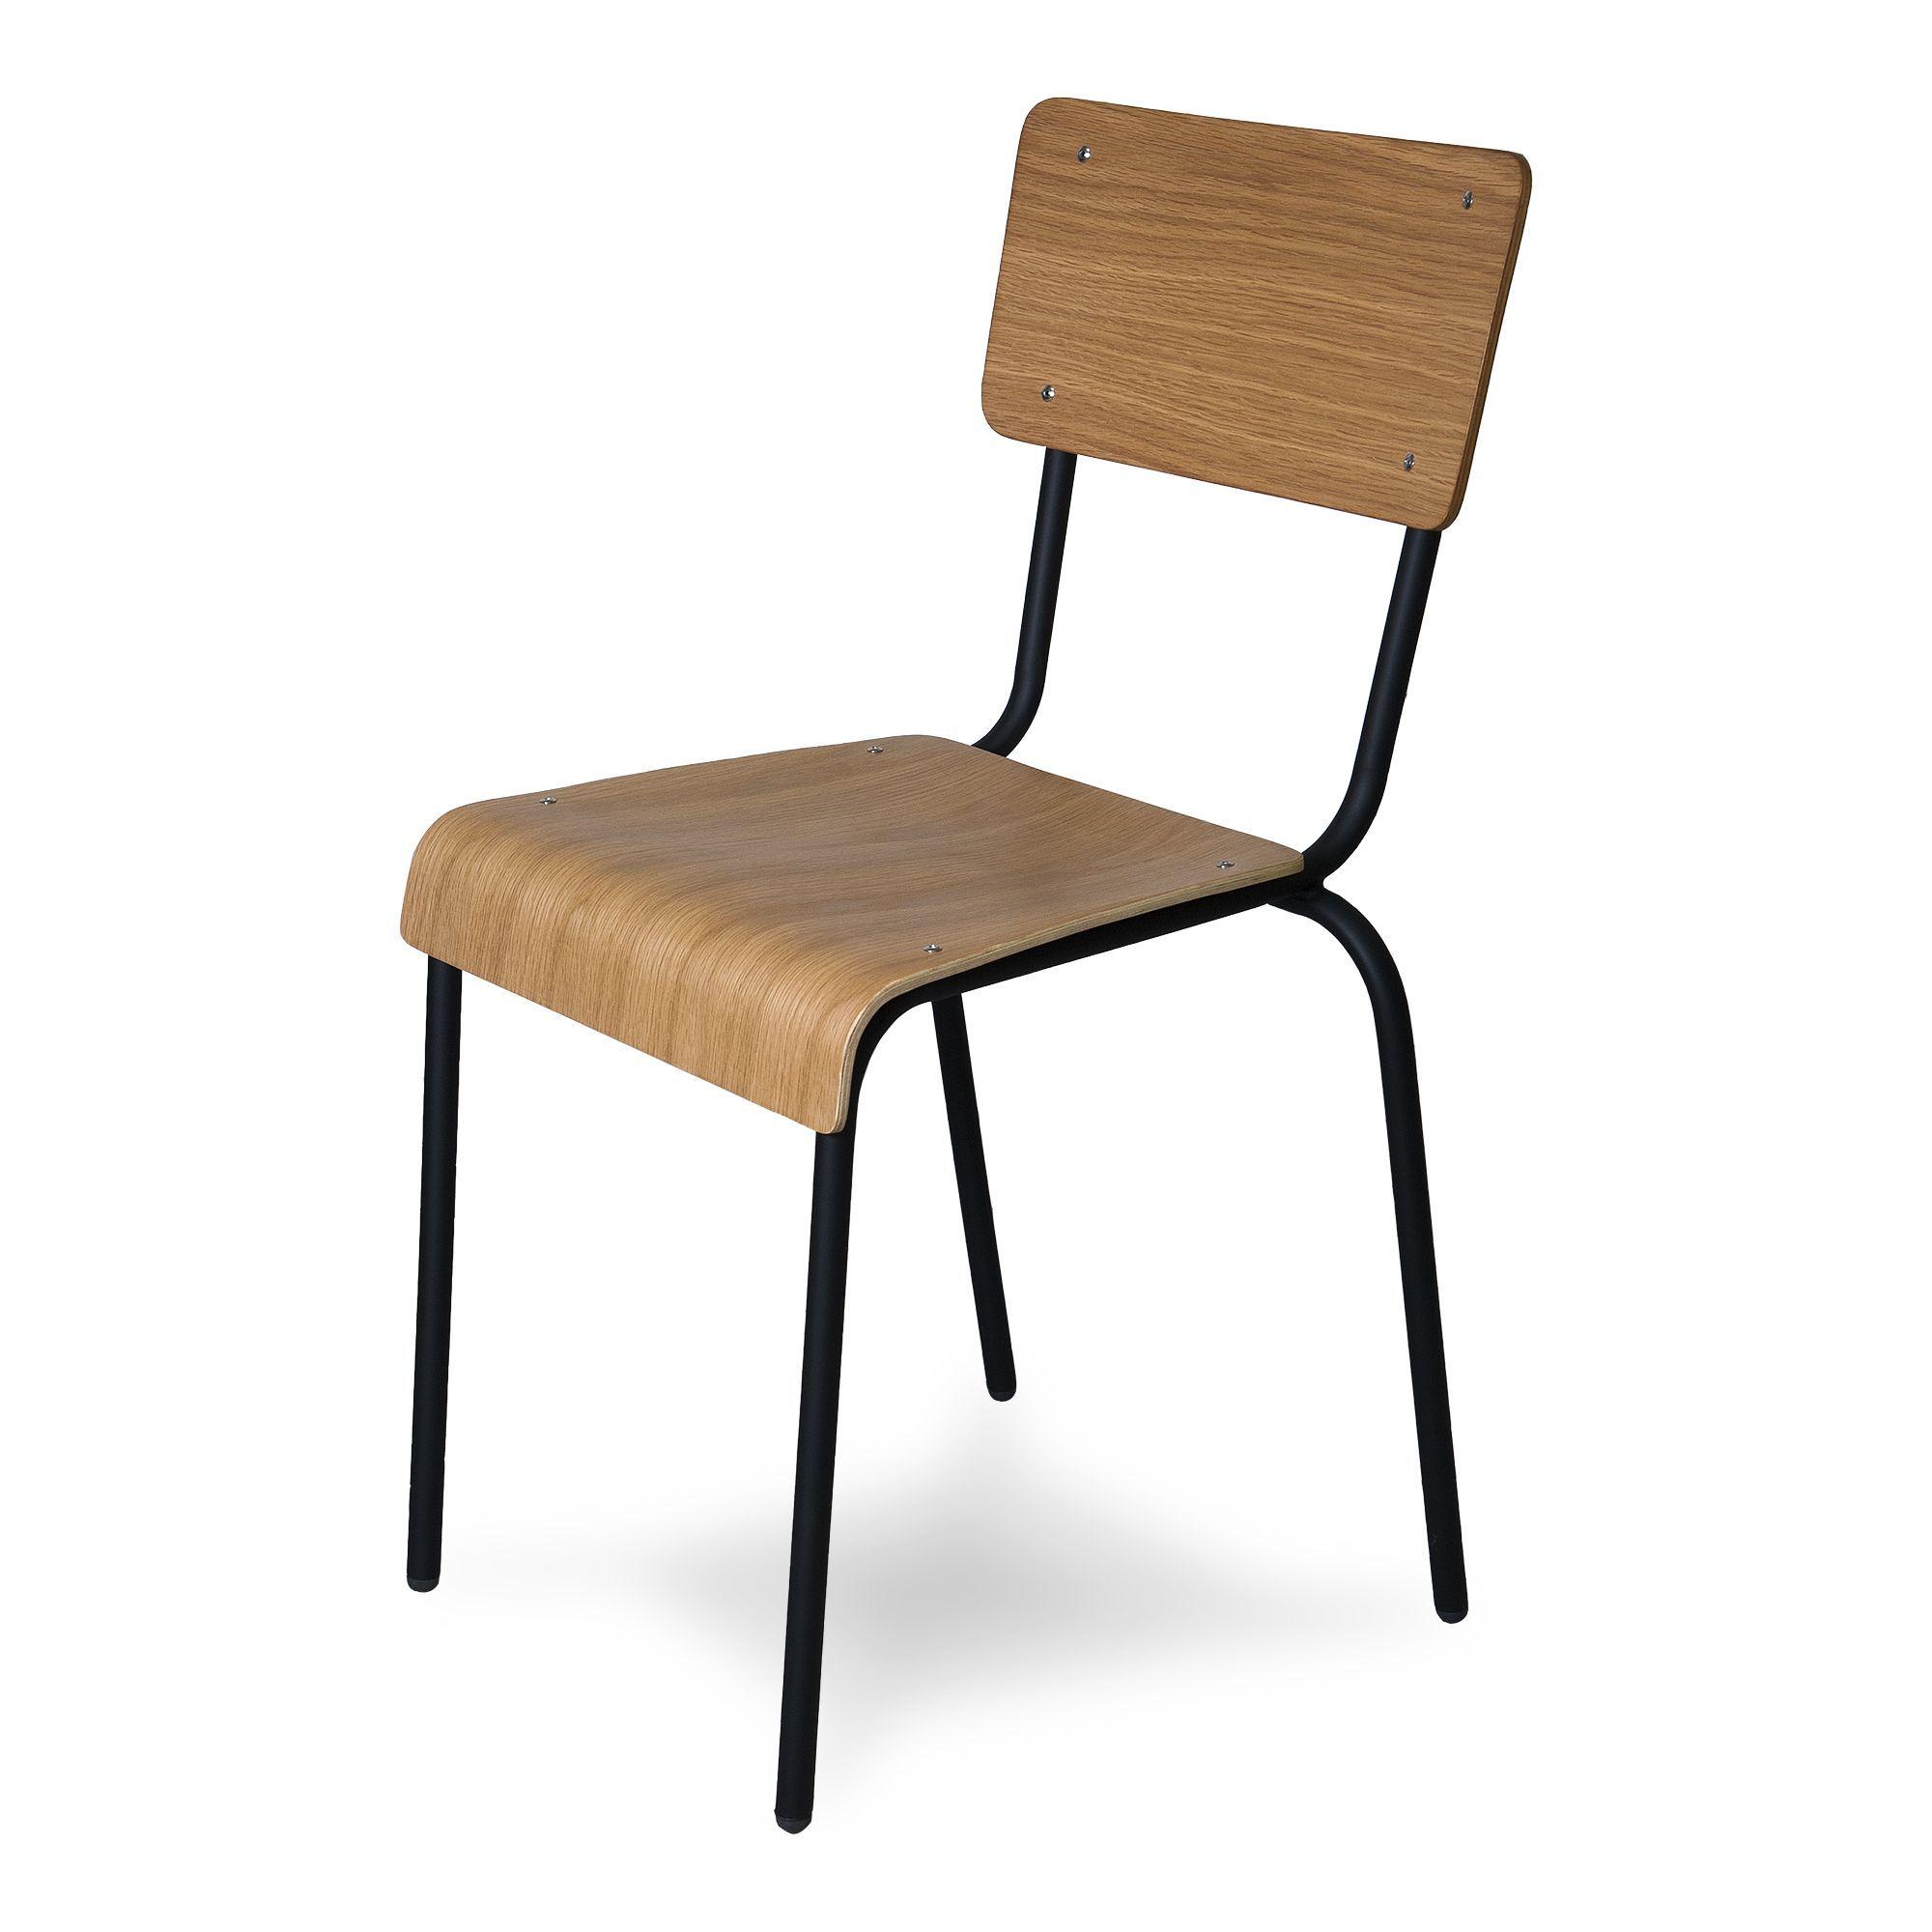 chaise style colier naturelle h73cm noir ikon chaises tables et chaises salon